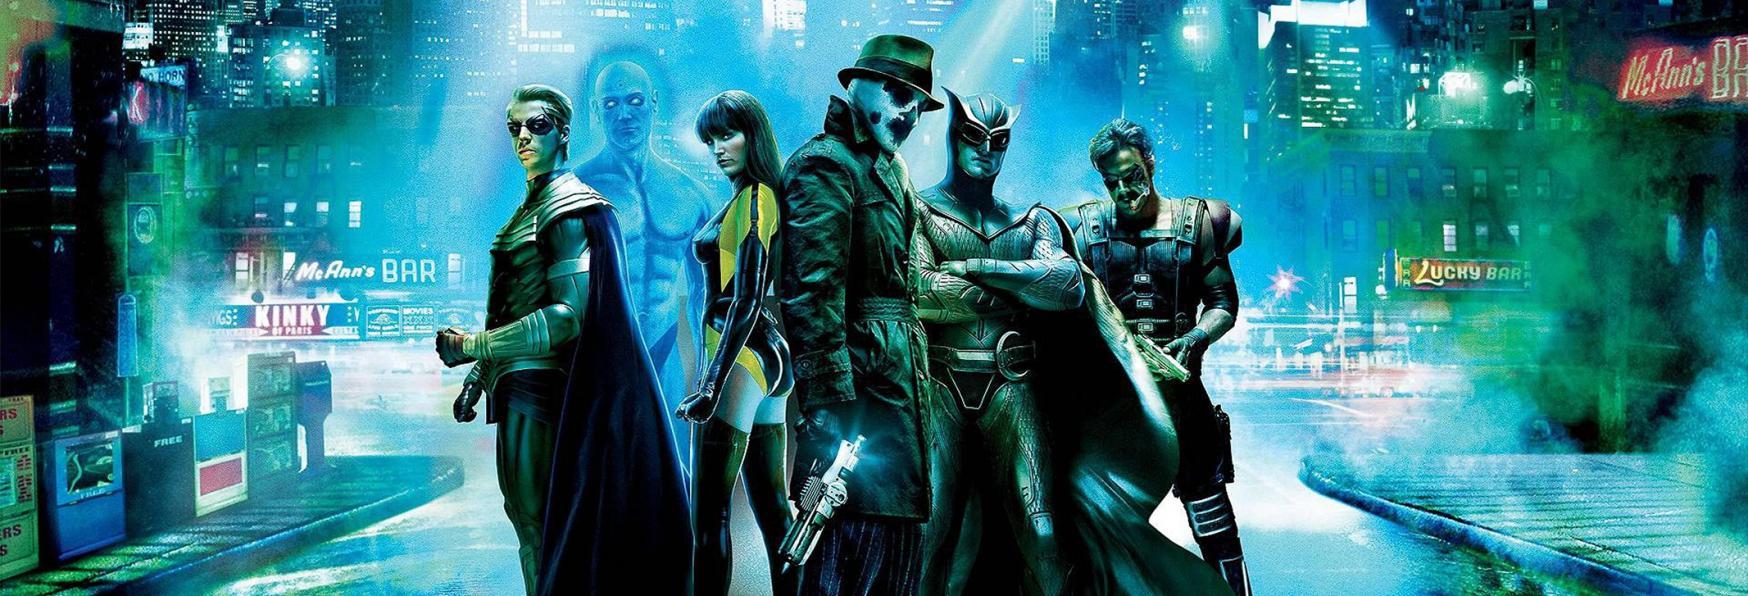 Watchmen: Recensione e Prime Impressioni sulla nuova Serie TV targata HBO